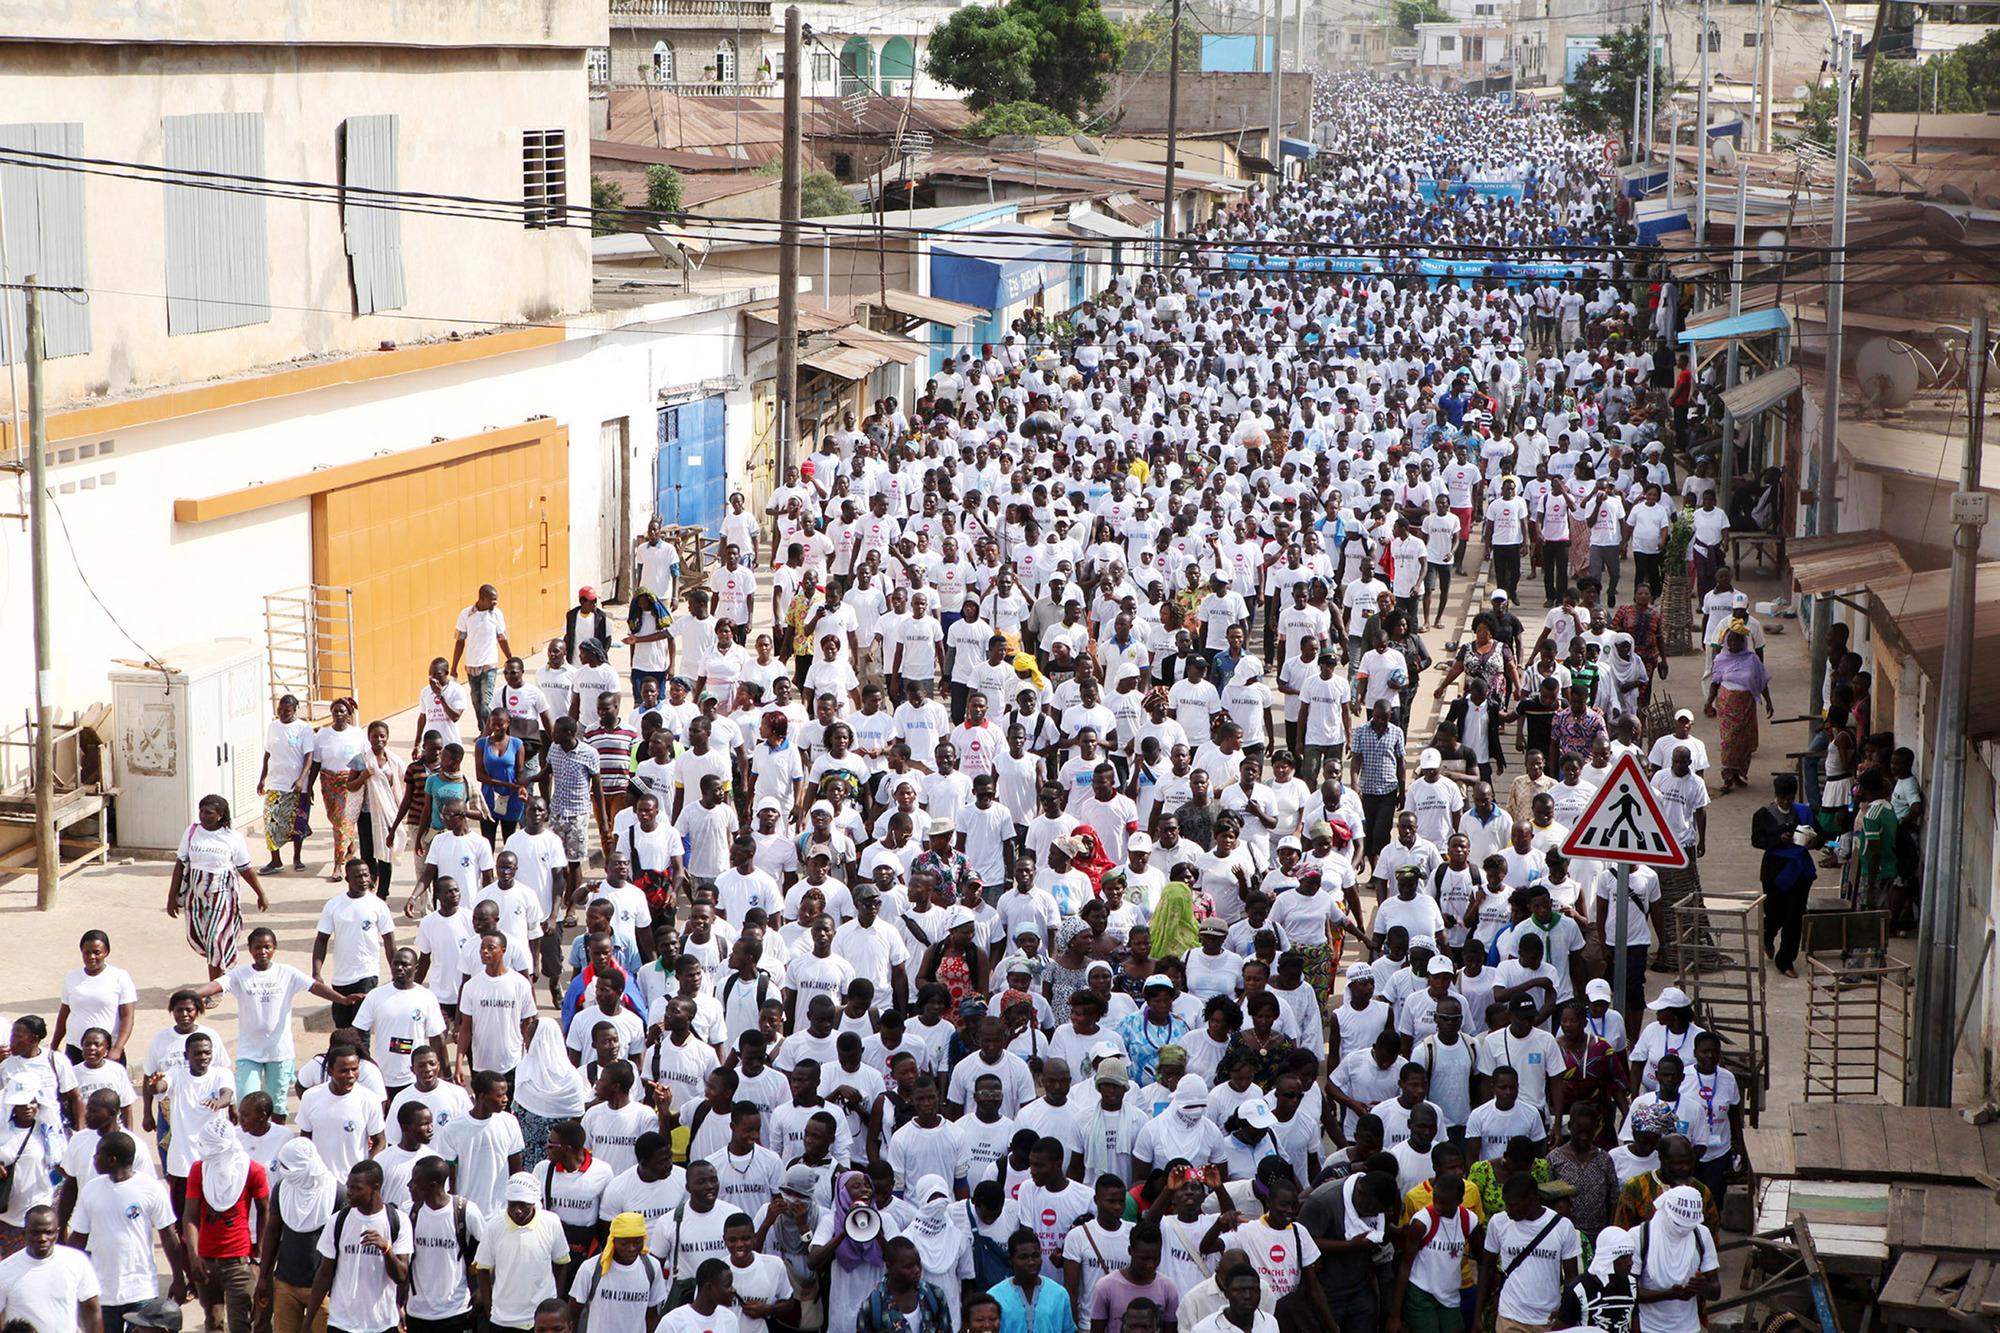 Marche organisée par le parti présidentiel (UNIR), le 20 septembre 2017, en soutien à Faure Gnassingbé.